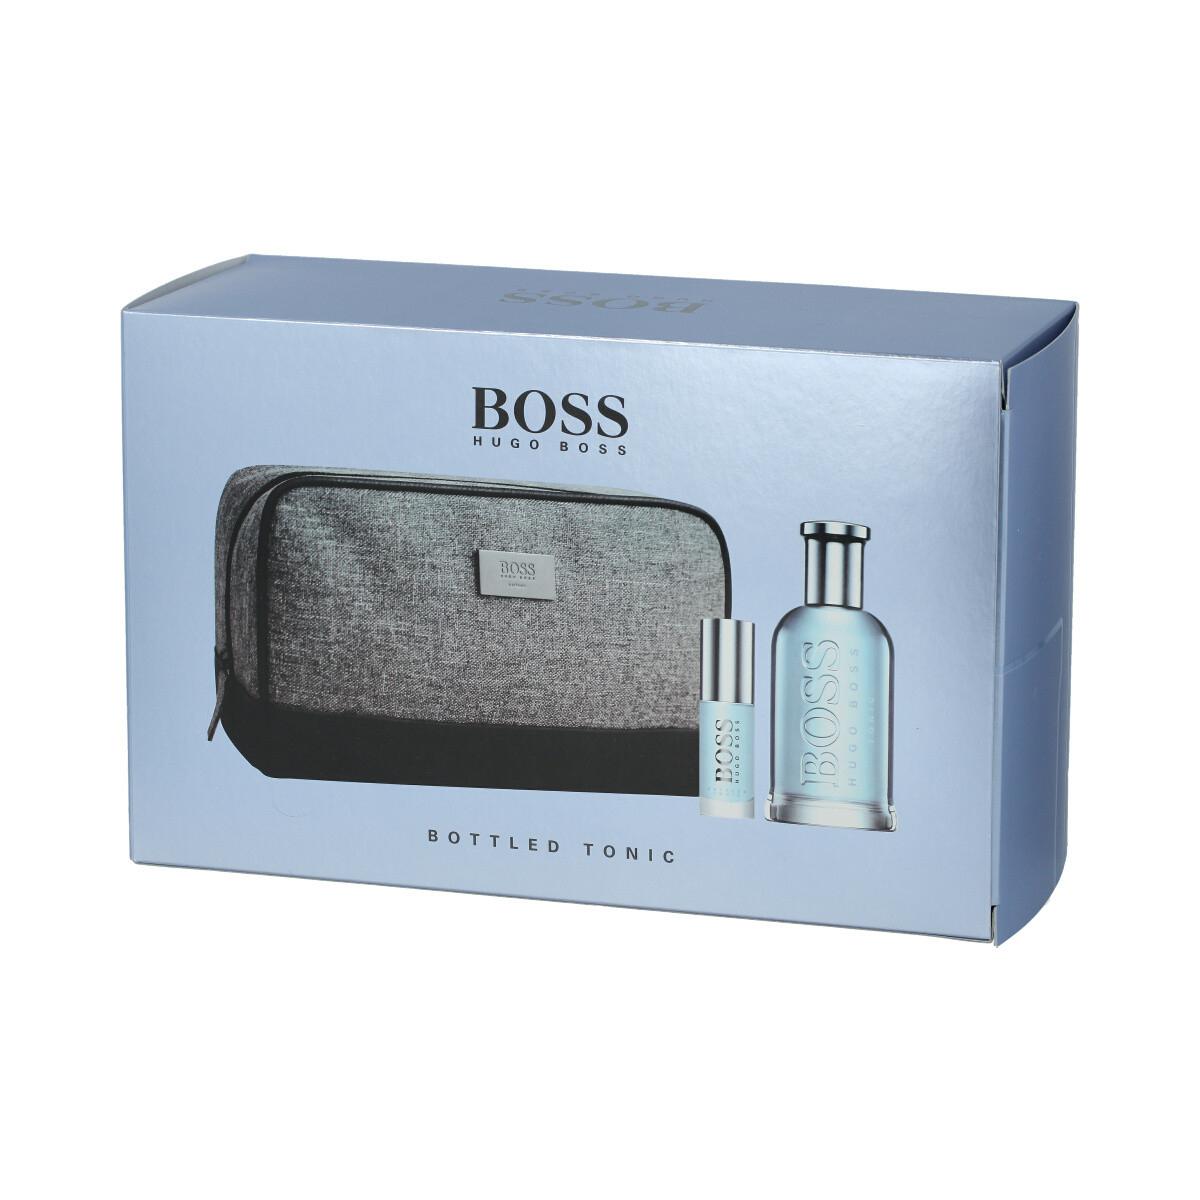 Hugo Boss Boss Bottled Tonic Edt 100 Ml + Edt Mini 8 Ml tout Trousse De Toilette Hugo Boss